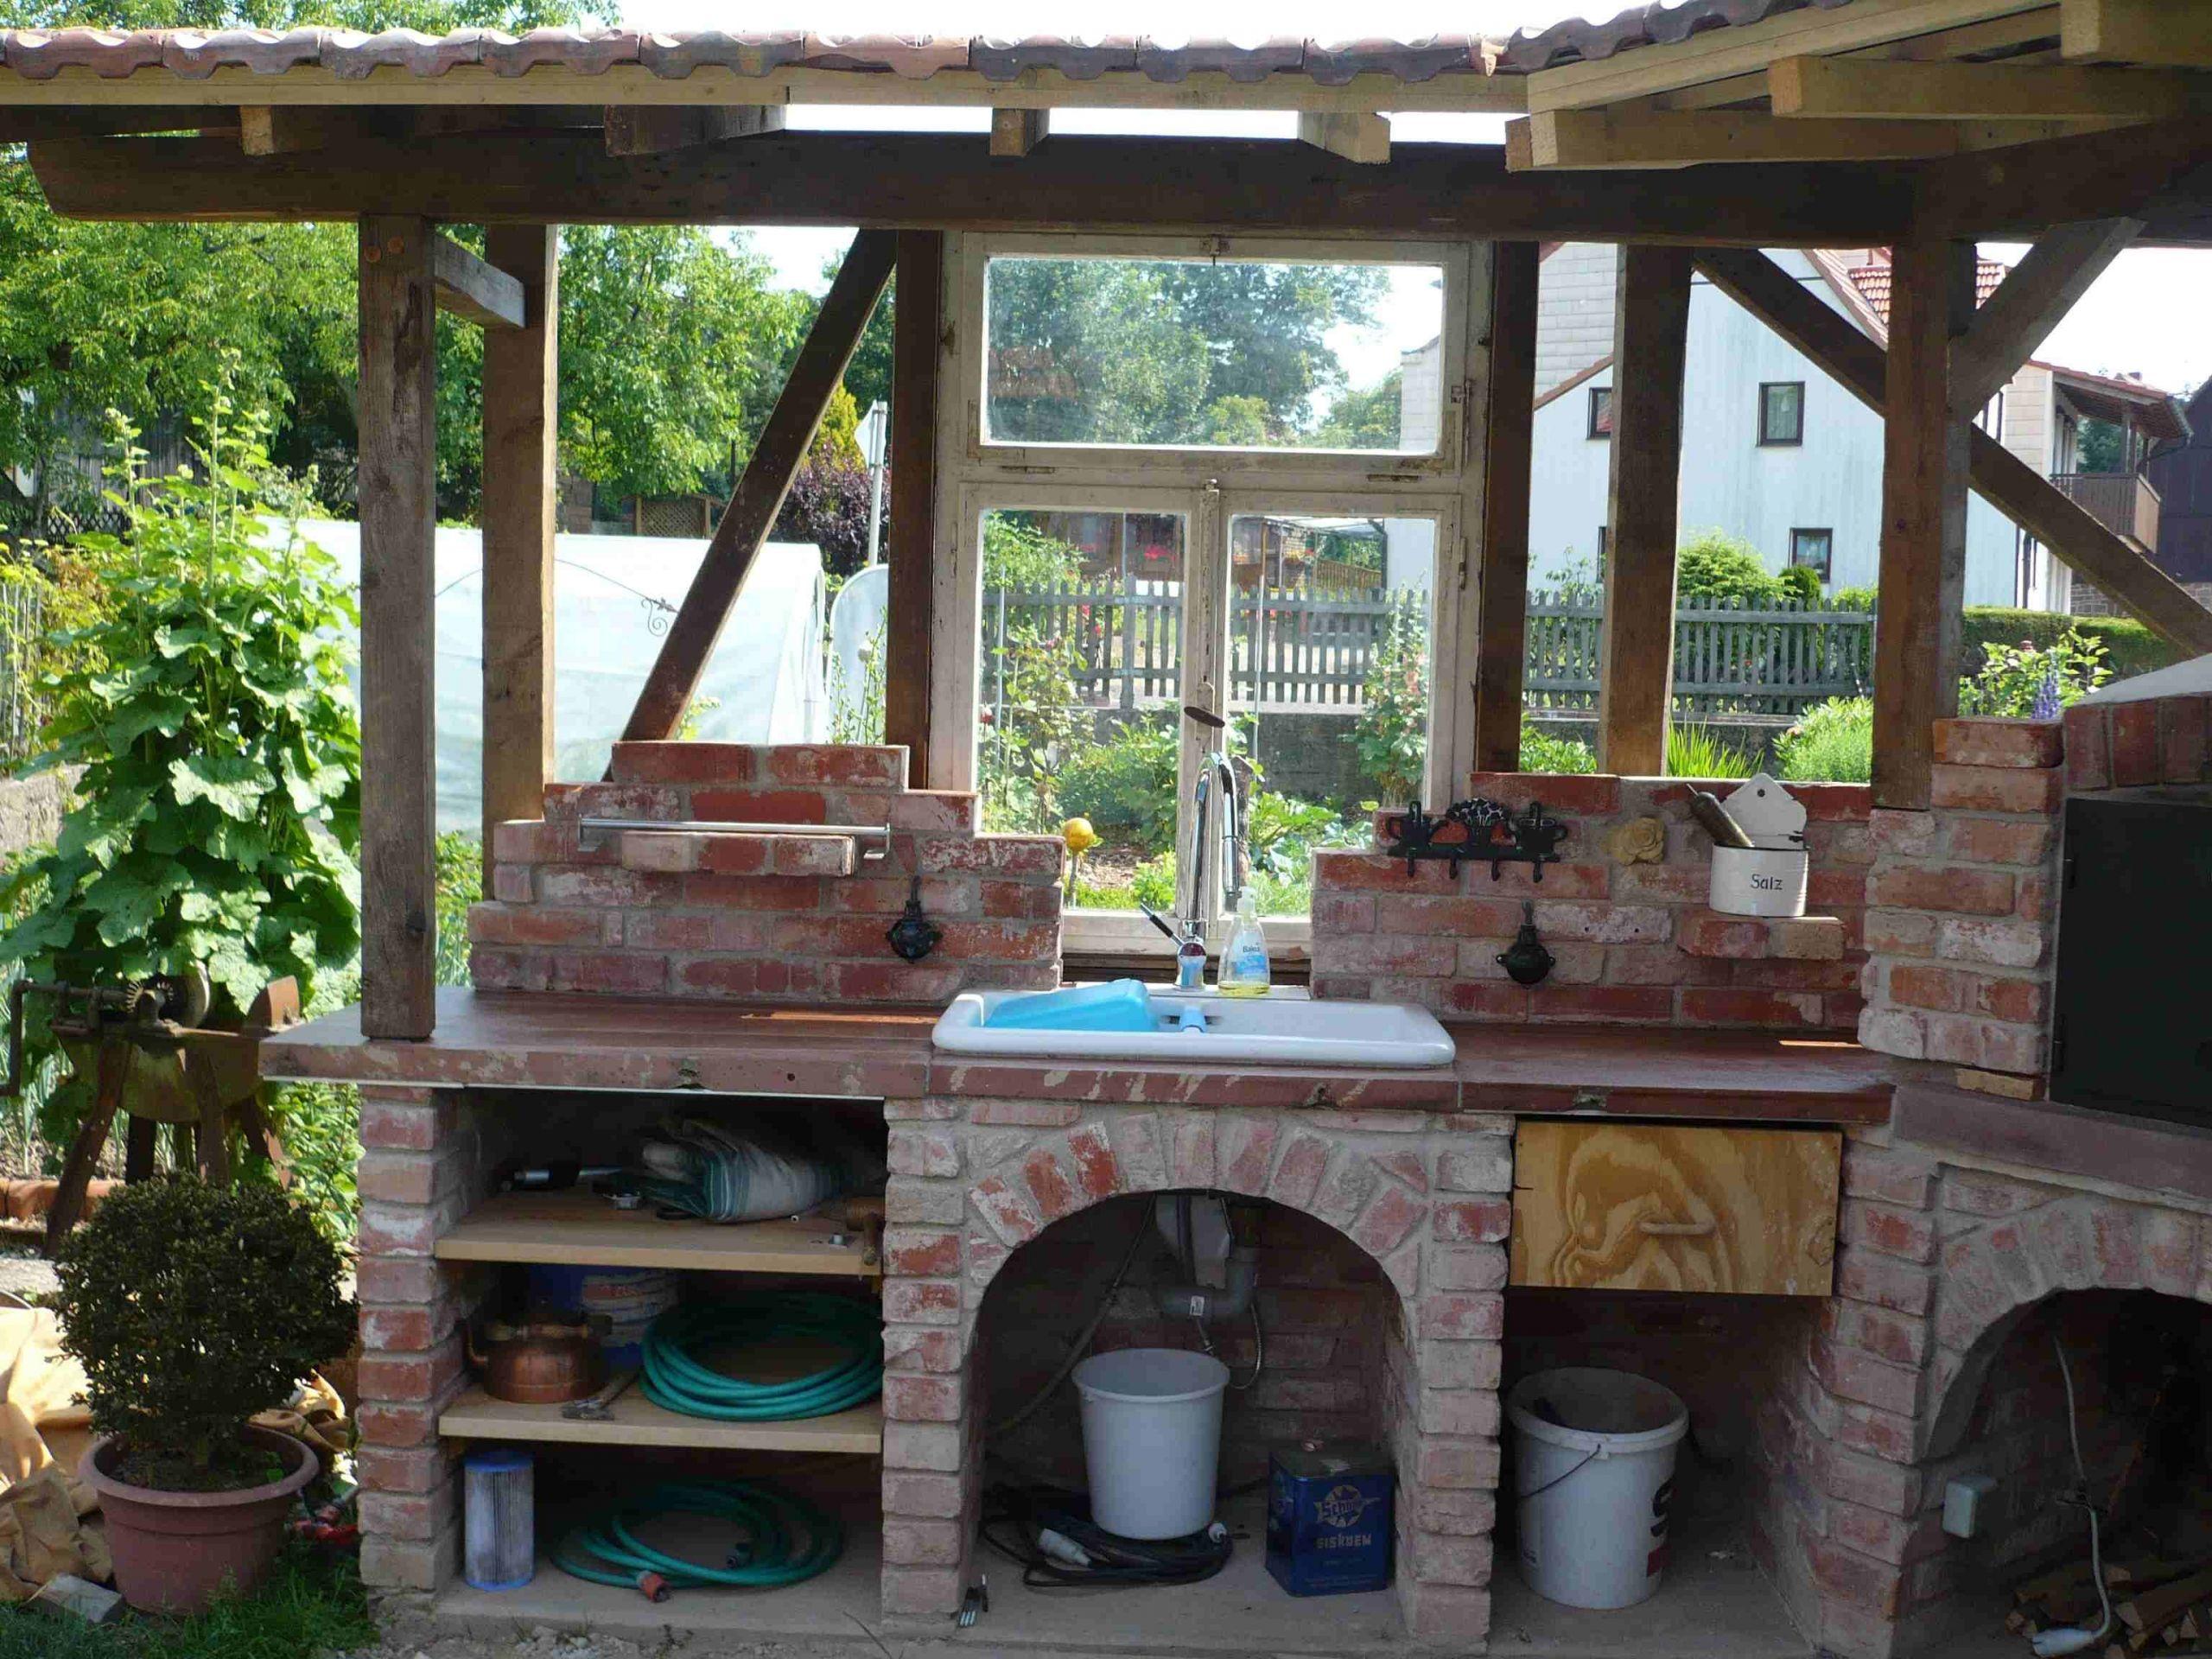 Sitzecke Garten Selber Bauen Neu Eine Gemauerte Gartenküche – Mehr Als Nur Ein Grill